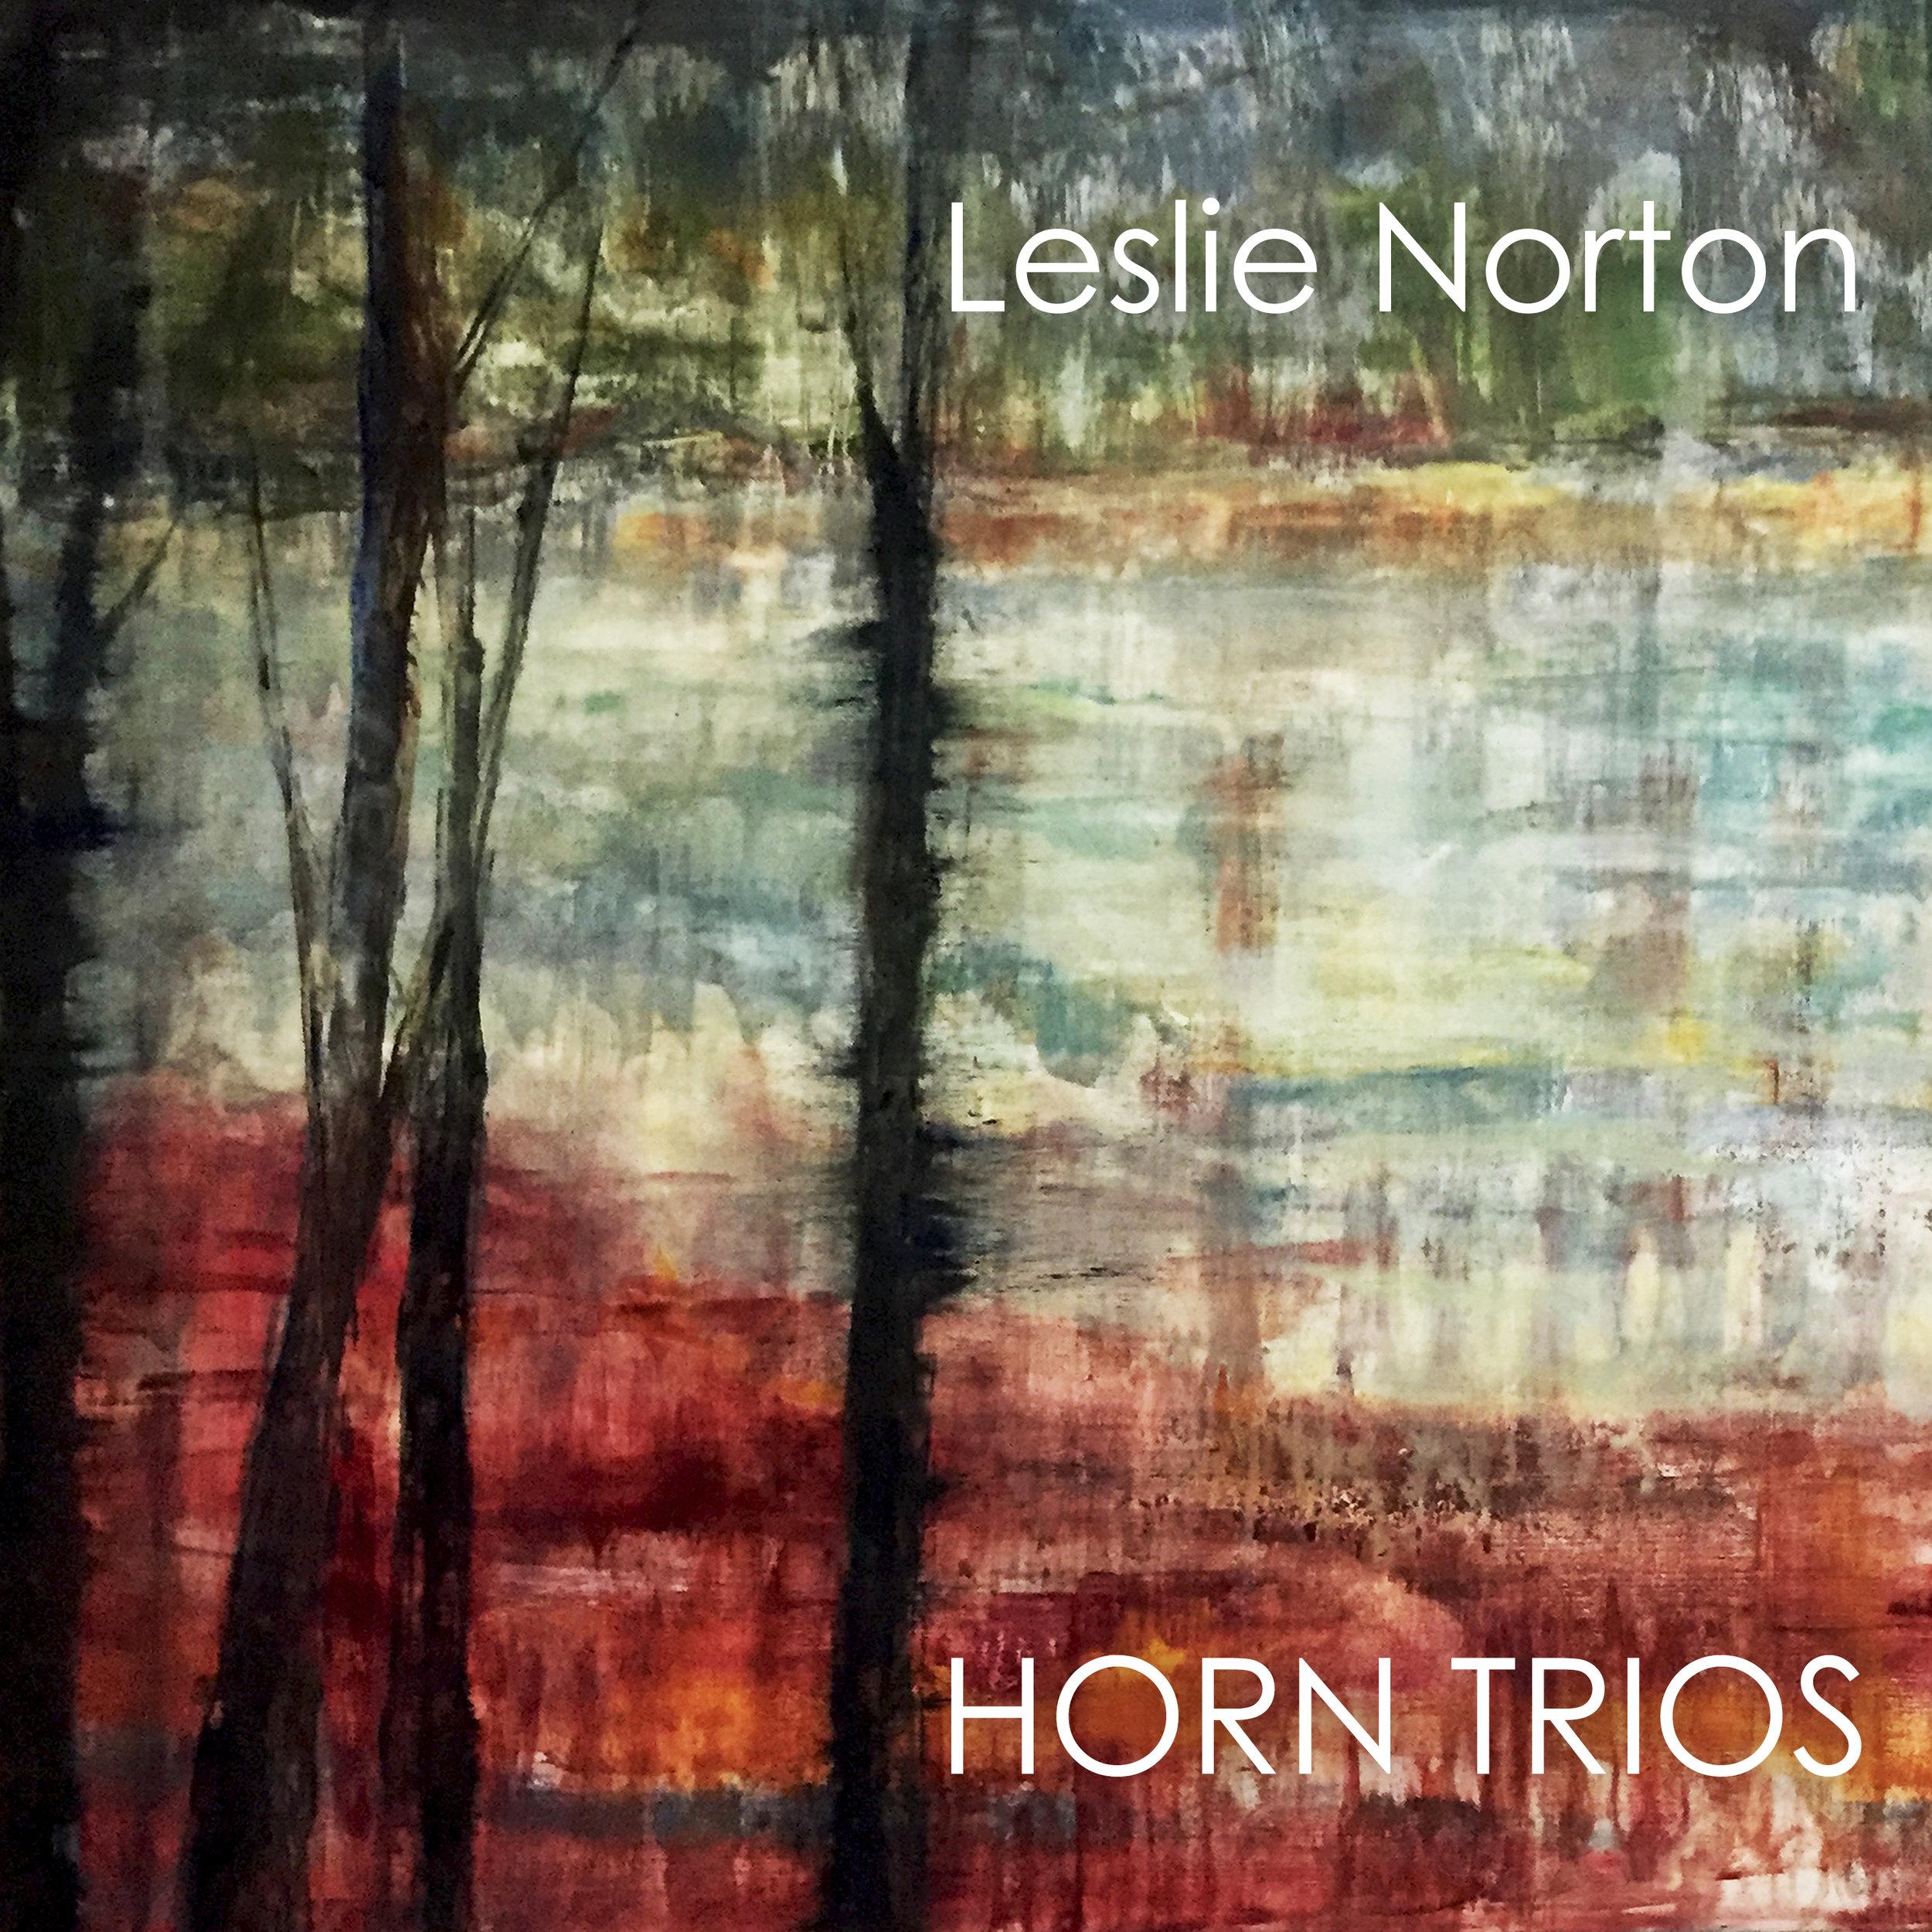 LESLIE NORTON_HORN TRIOS_DIGITAL.jpg